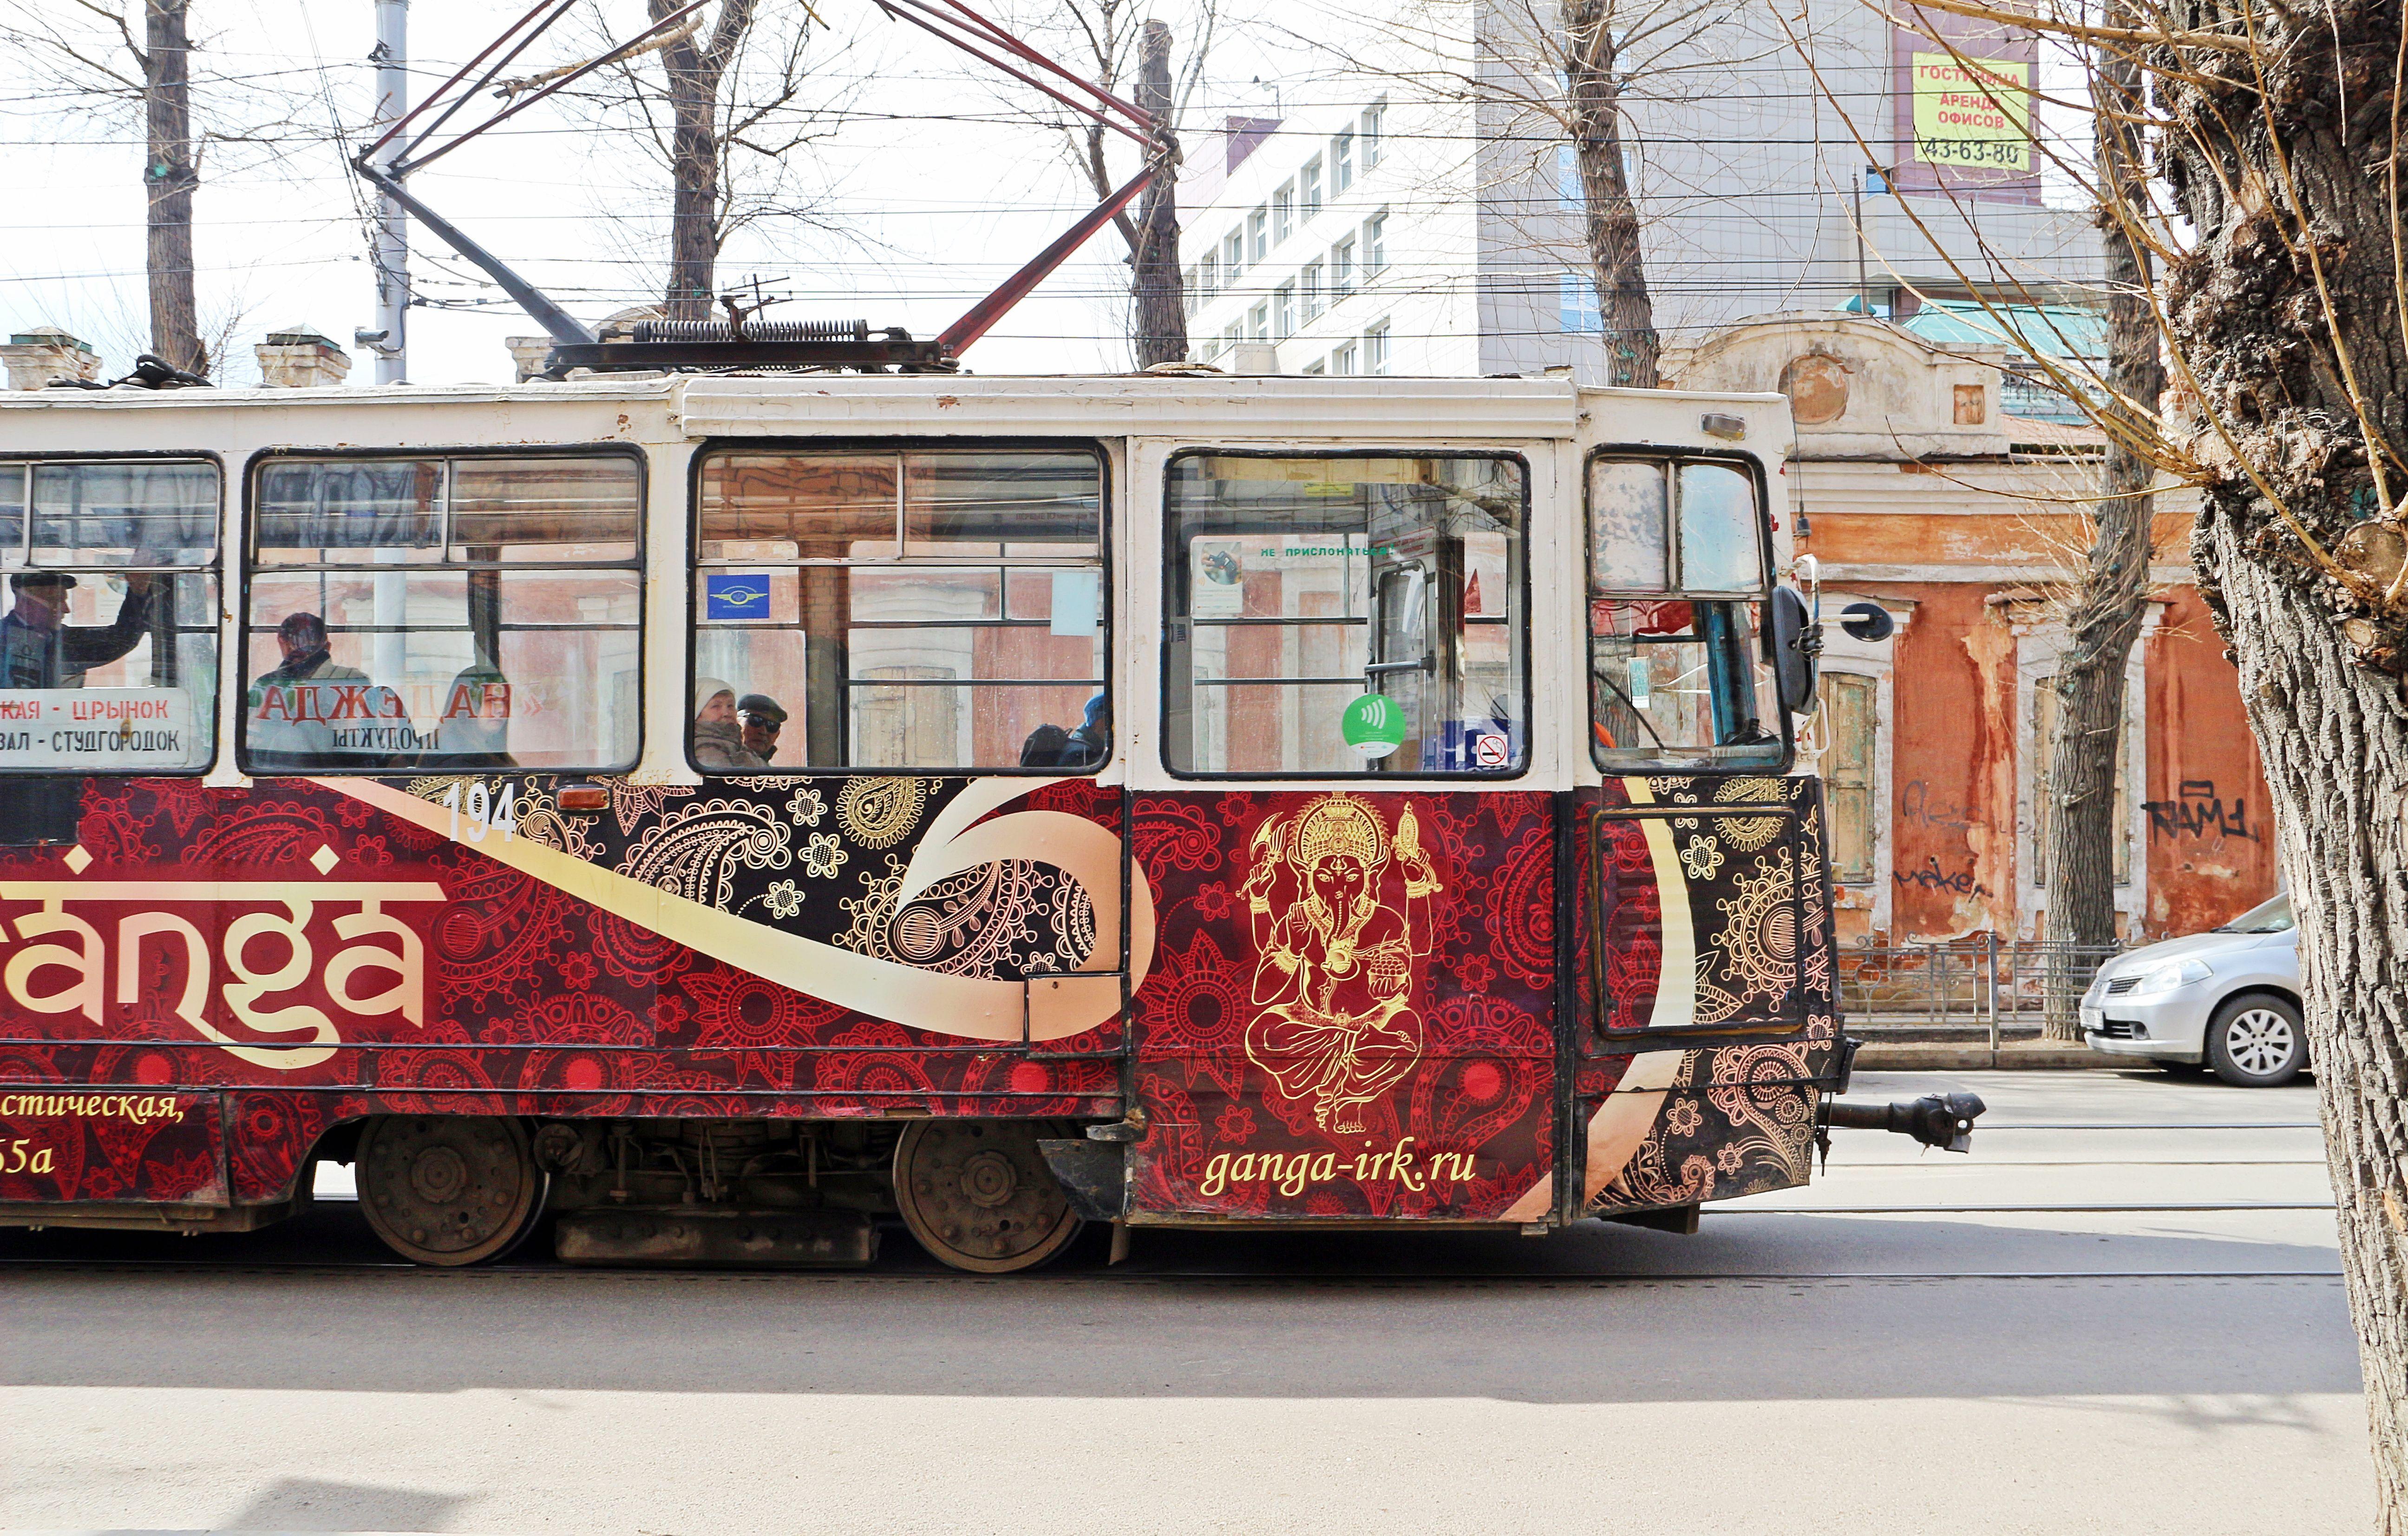 Straßenbahn in Irkutsk